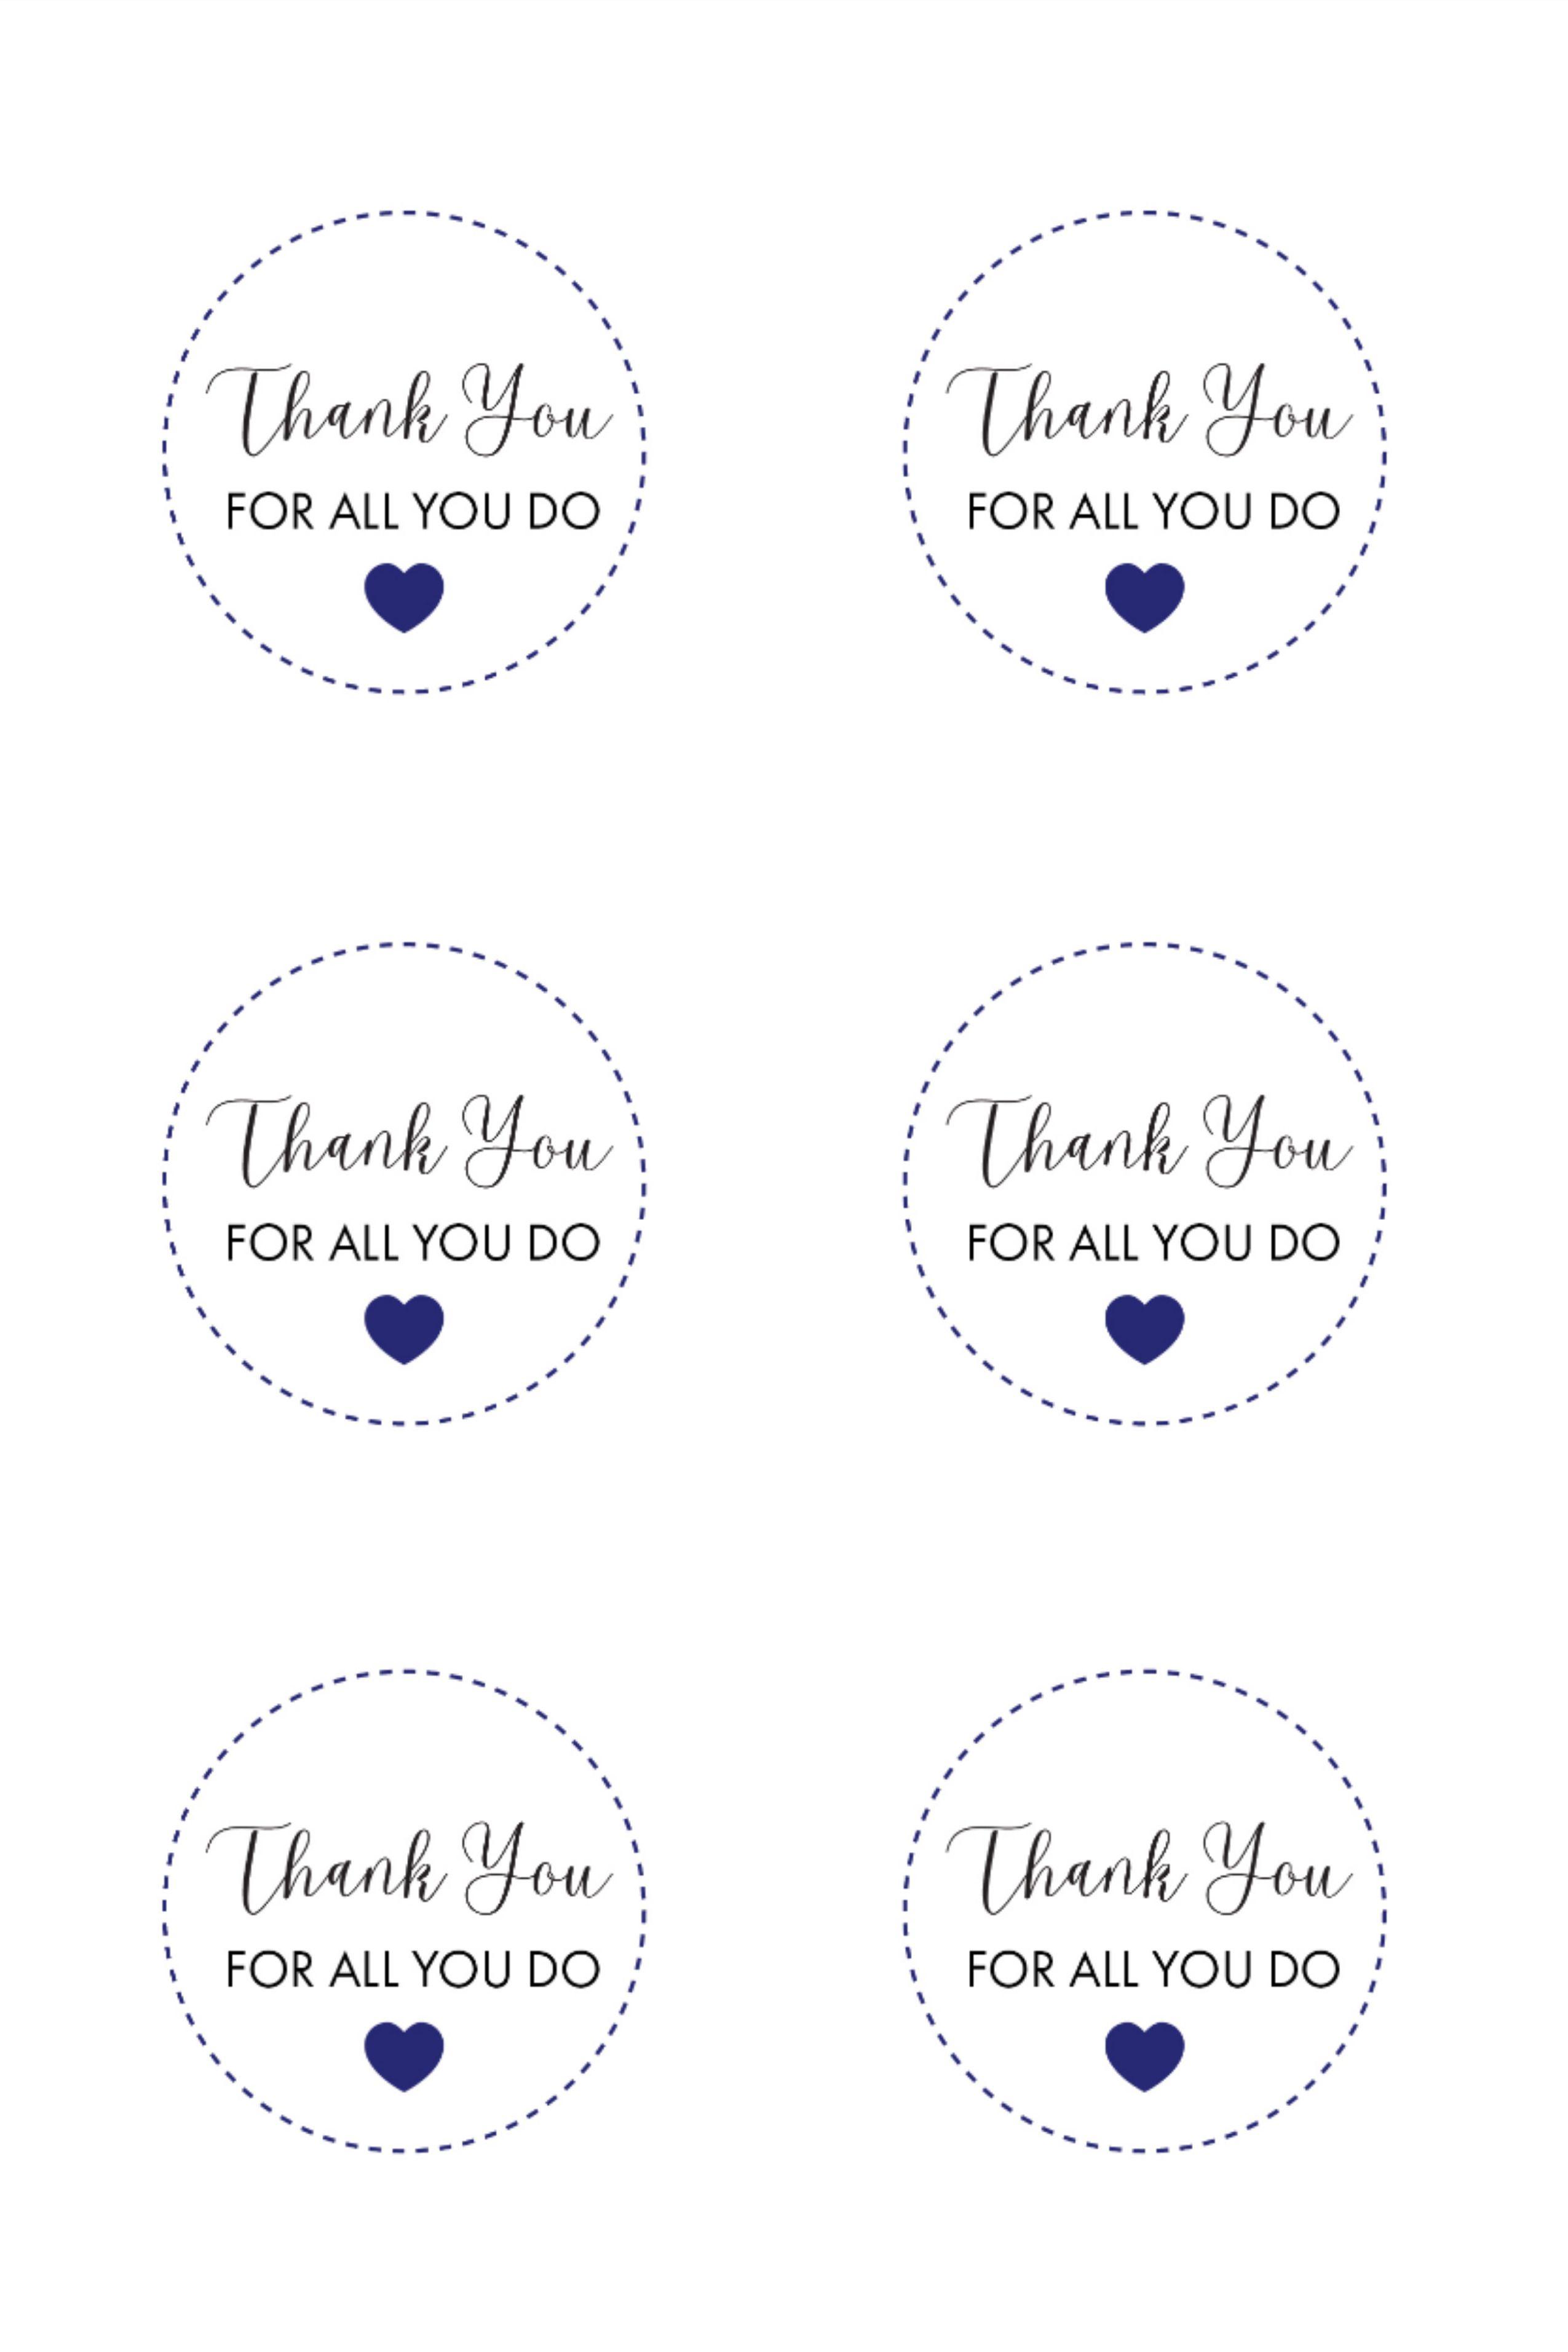 Thank You For All You Do Free Printable Gift Tags Free Printable Gift Tags Free Printable Gifts Gift Tags Printable